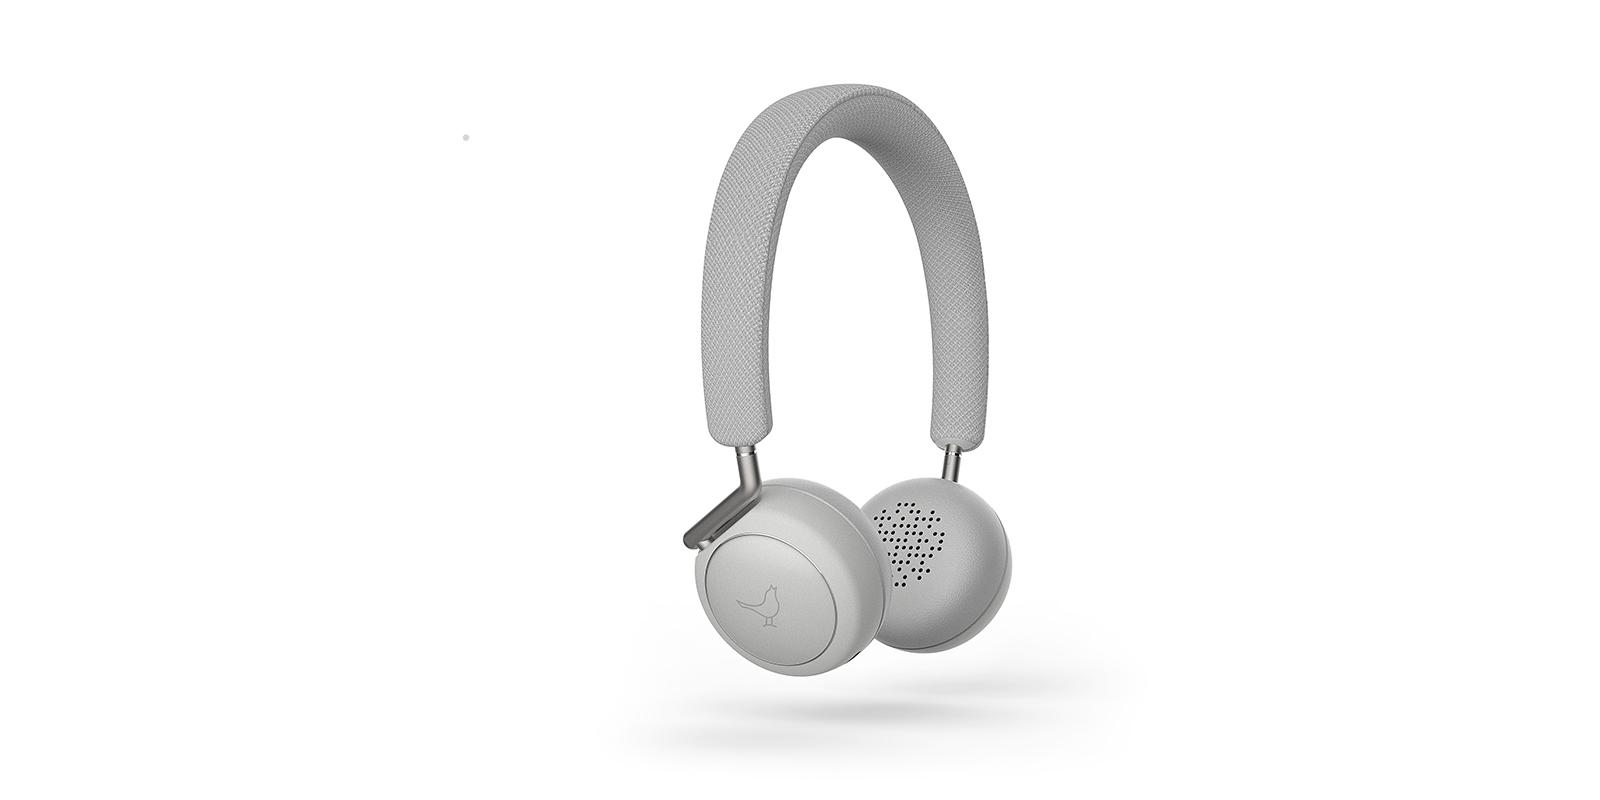 Libratones første hovedtelefon er i stilrent design, der ikke burde kunne afskrække nogen som helst visuelt. Foto: Libratone